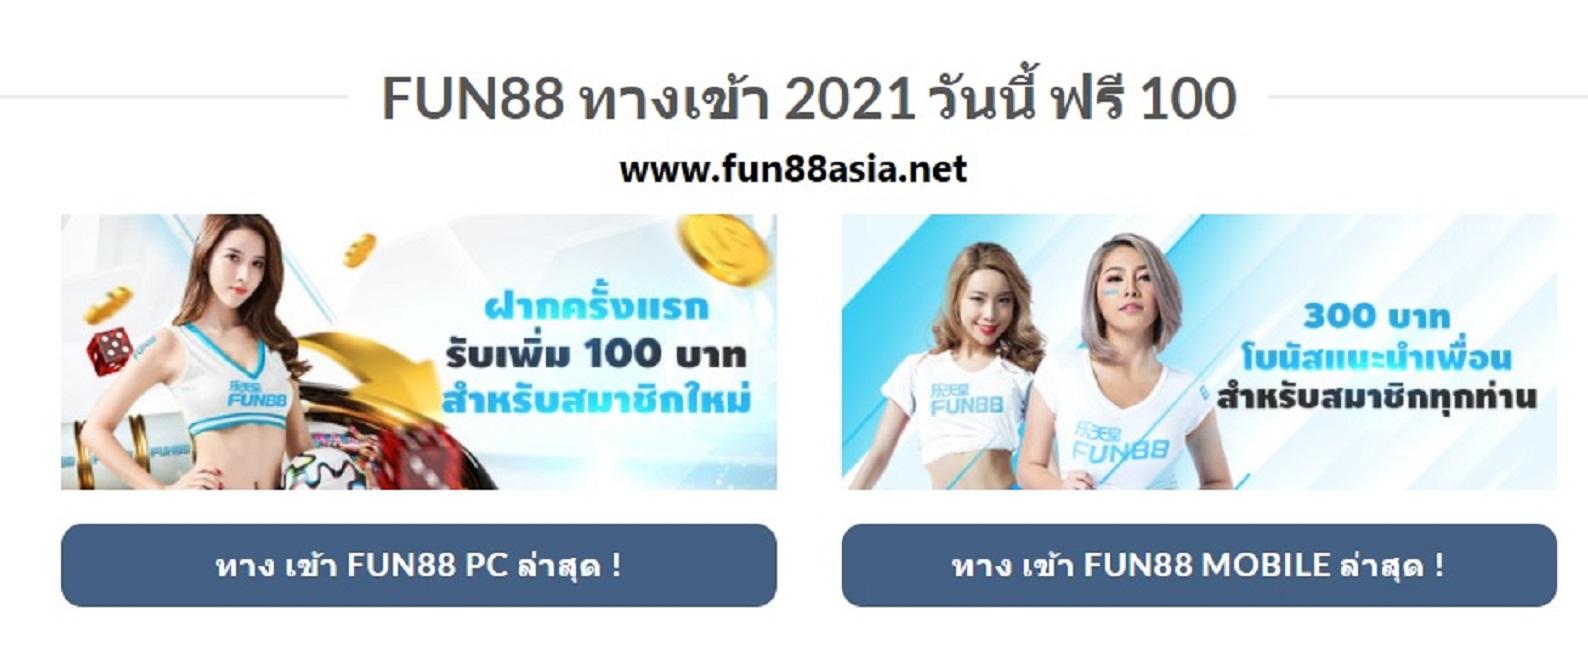 link fun88 thailand